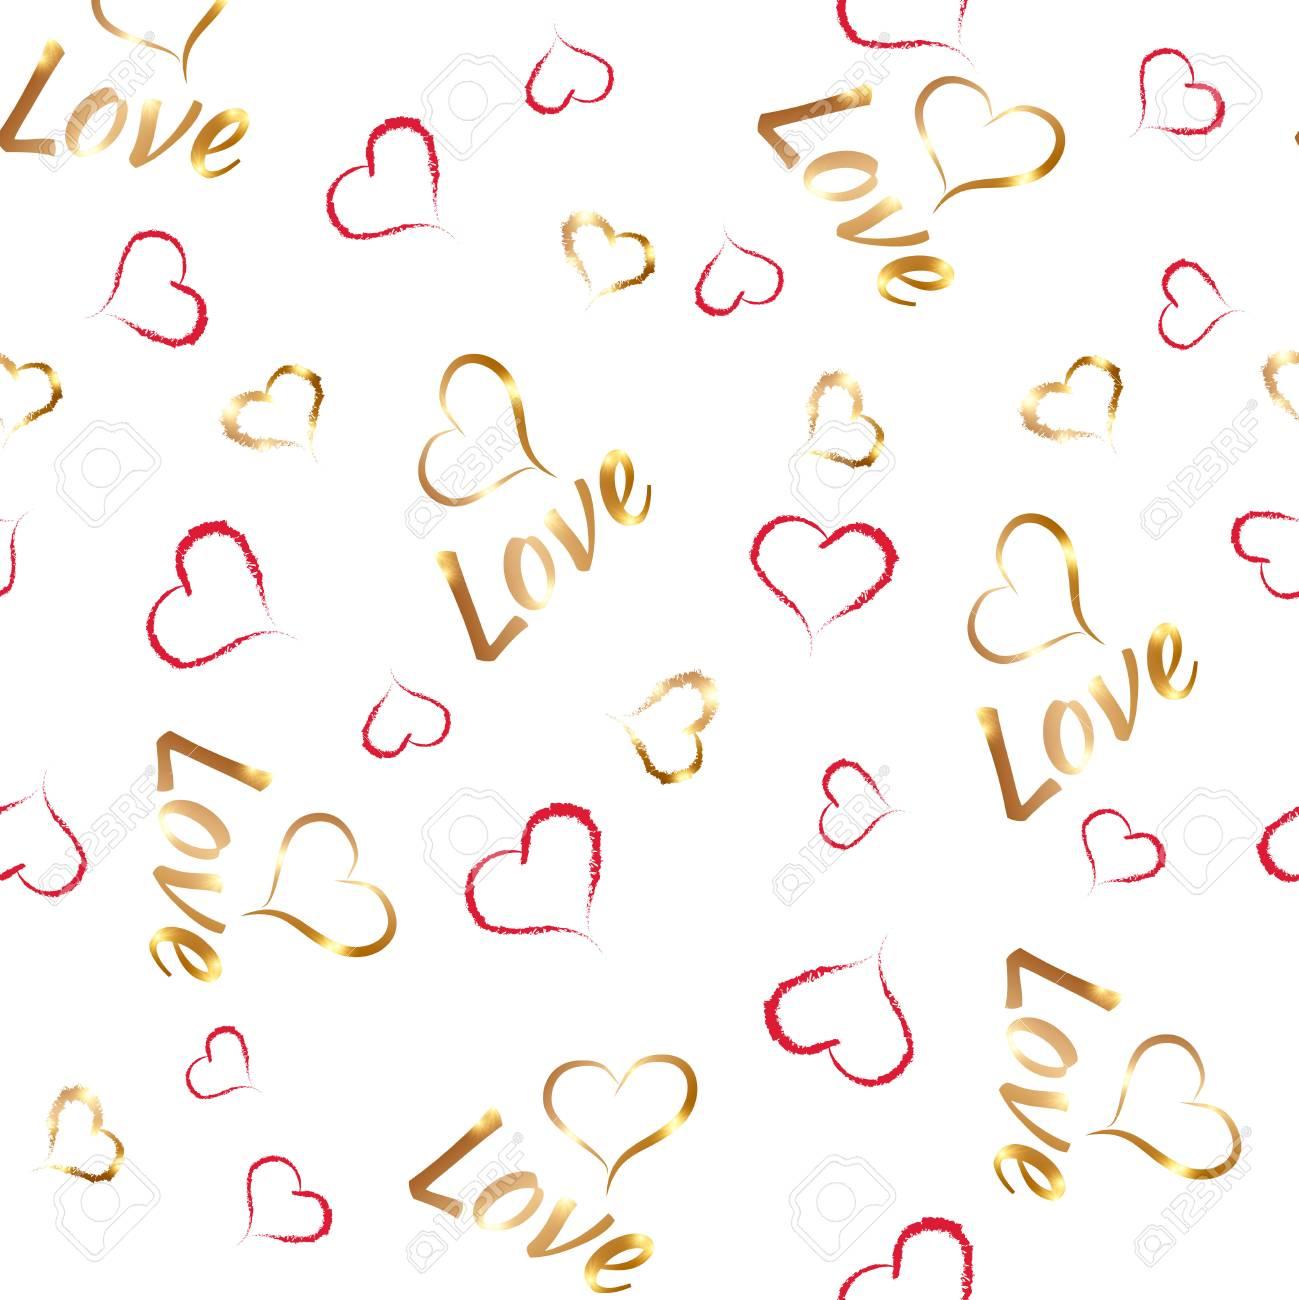 Corações Do Dia Dos Namorados E Frase Amor Vetor ícones Elementos Para Presente Romântico Cartão Postal Fundo Convite Cartão Festa De Casamento